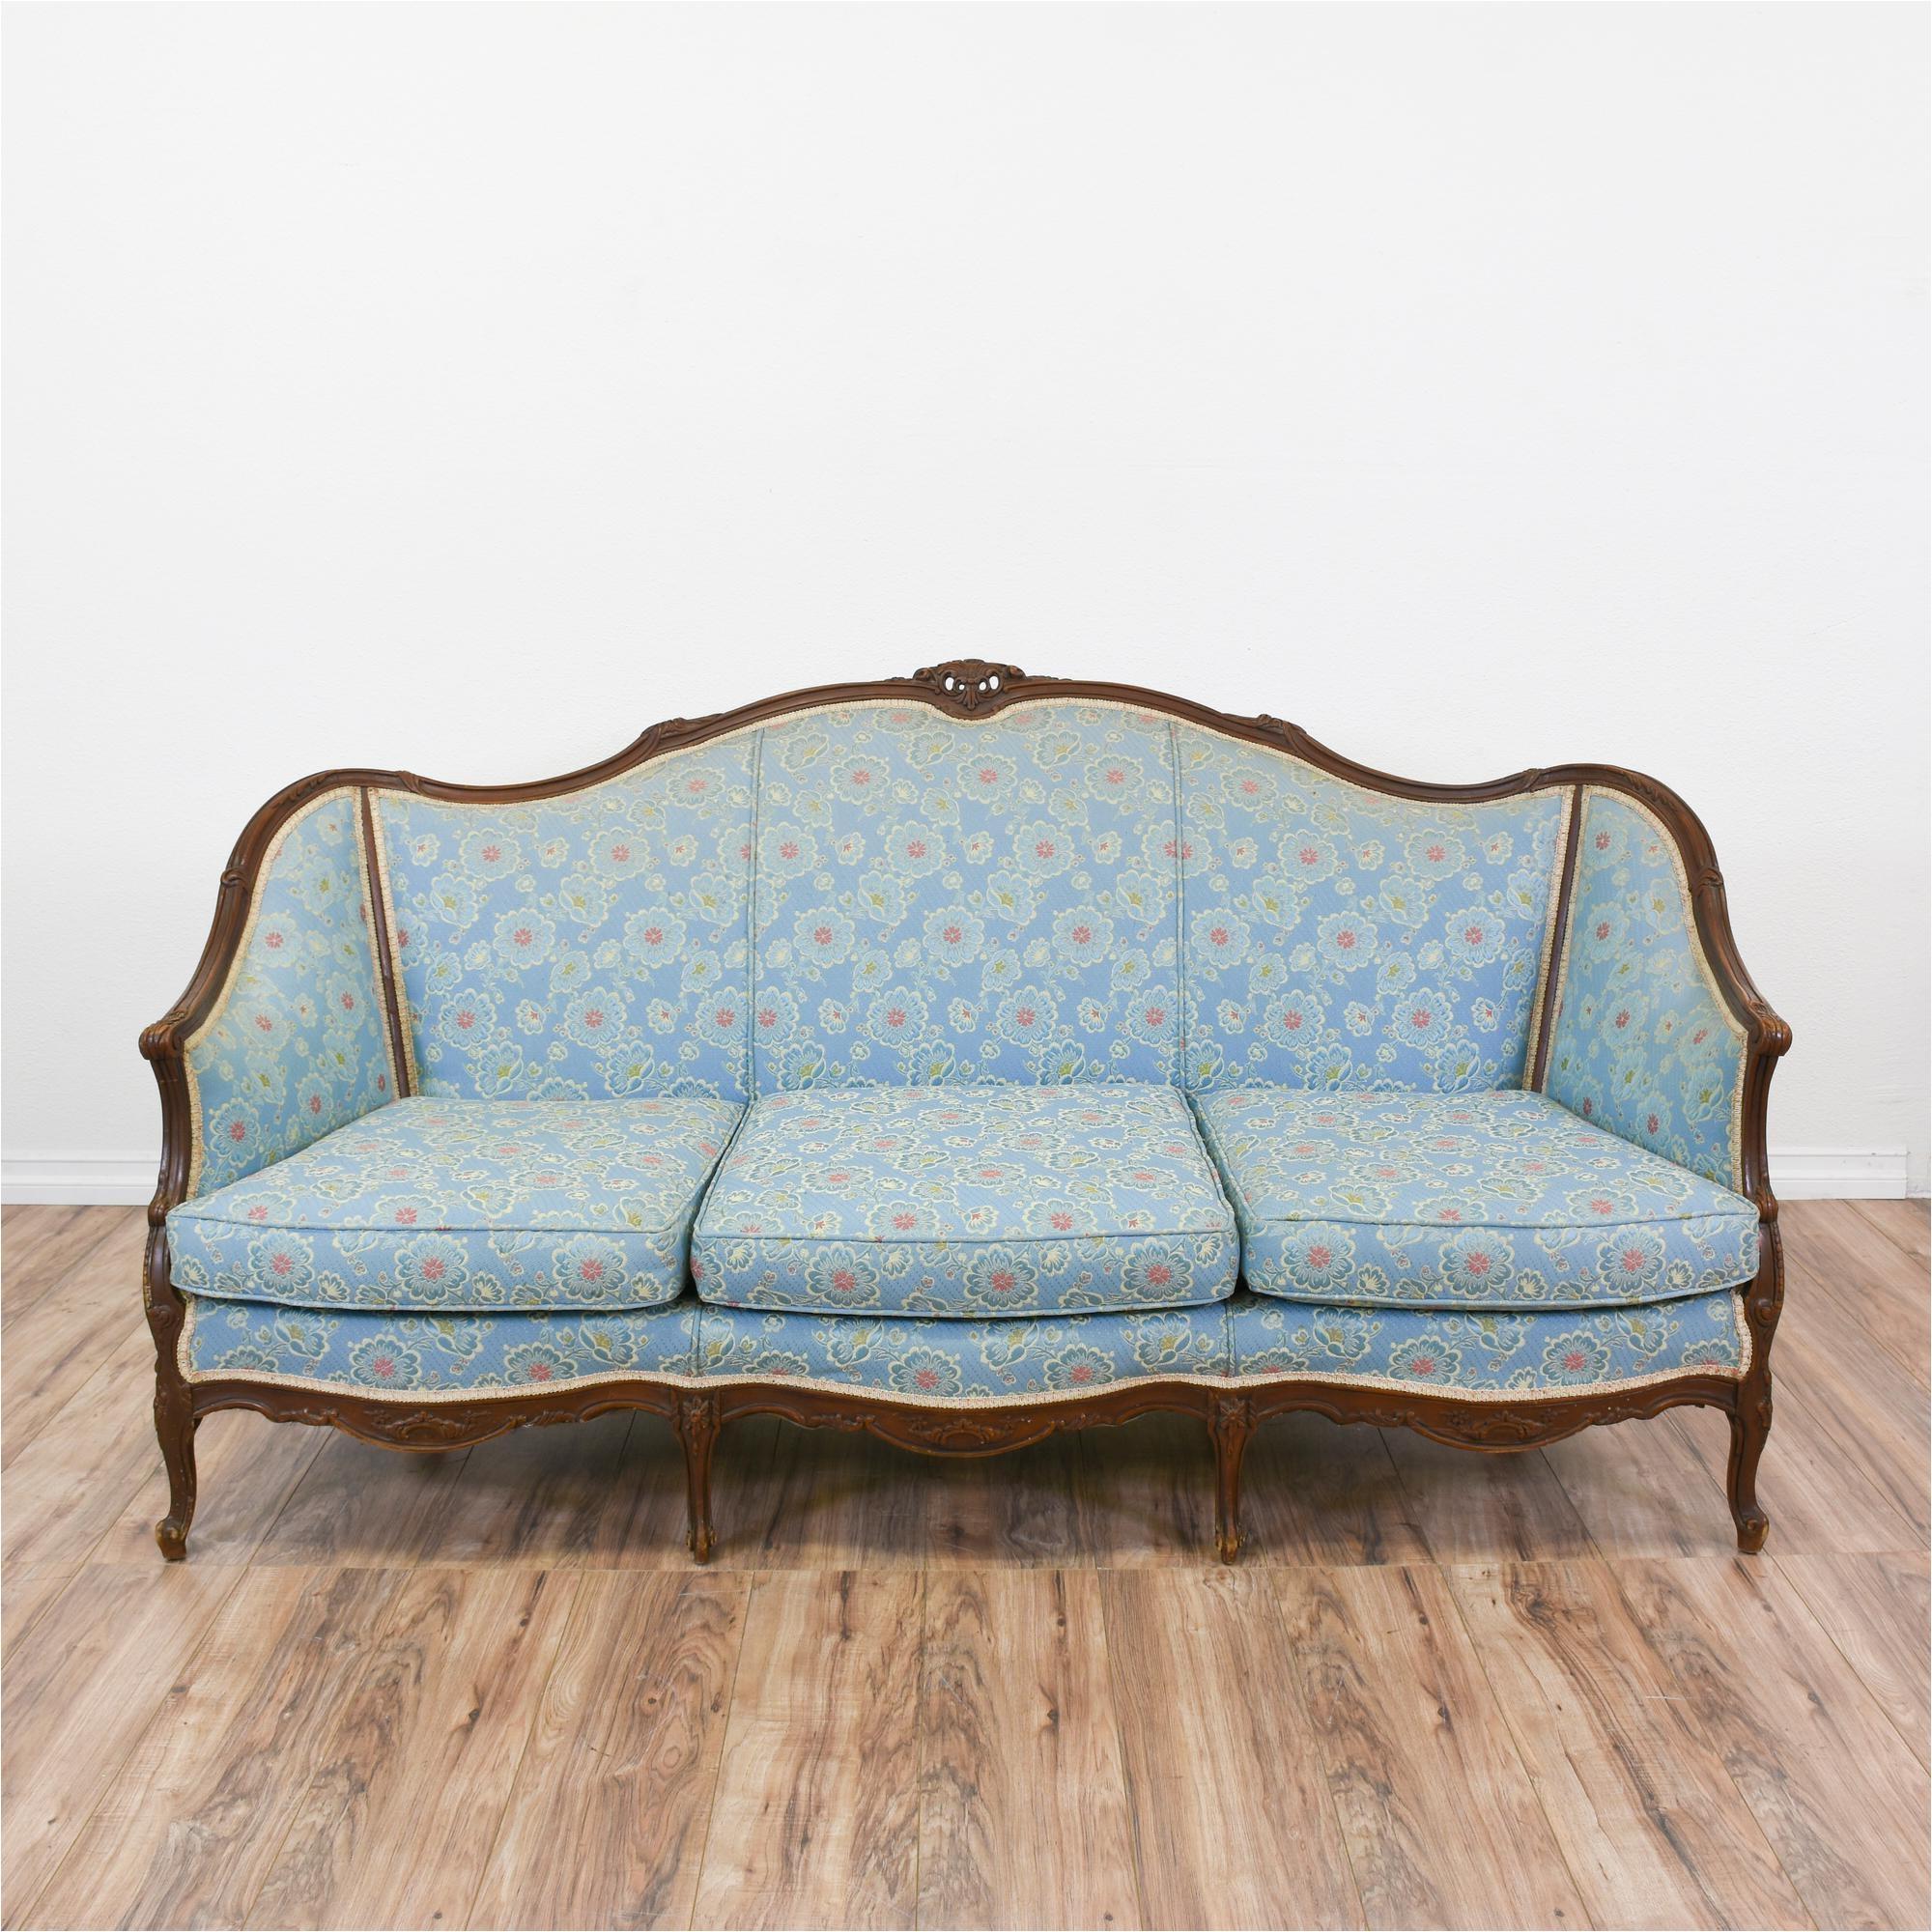 outdoor sofa cover inspirational patio furniture cover best wicker outdoor sofa 0d patio chairs ideas